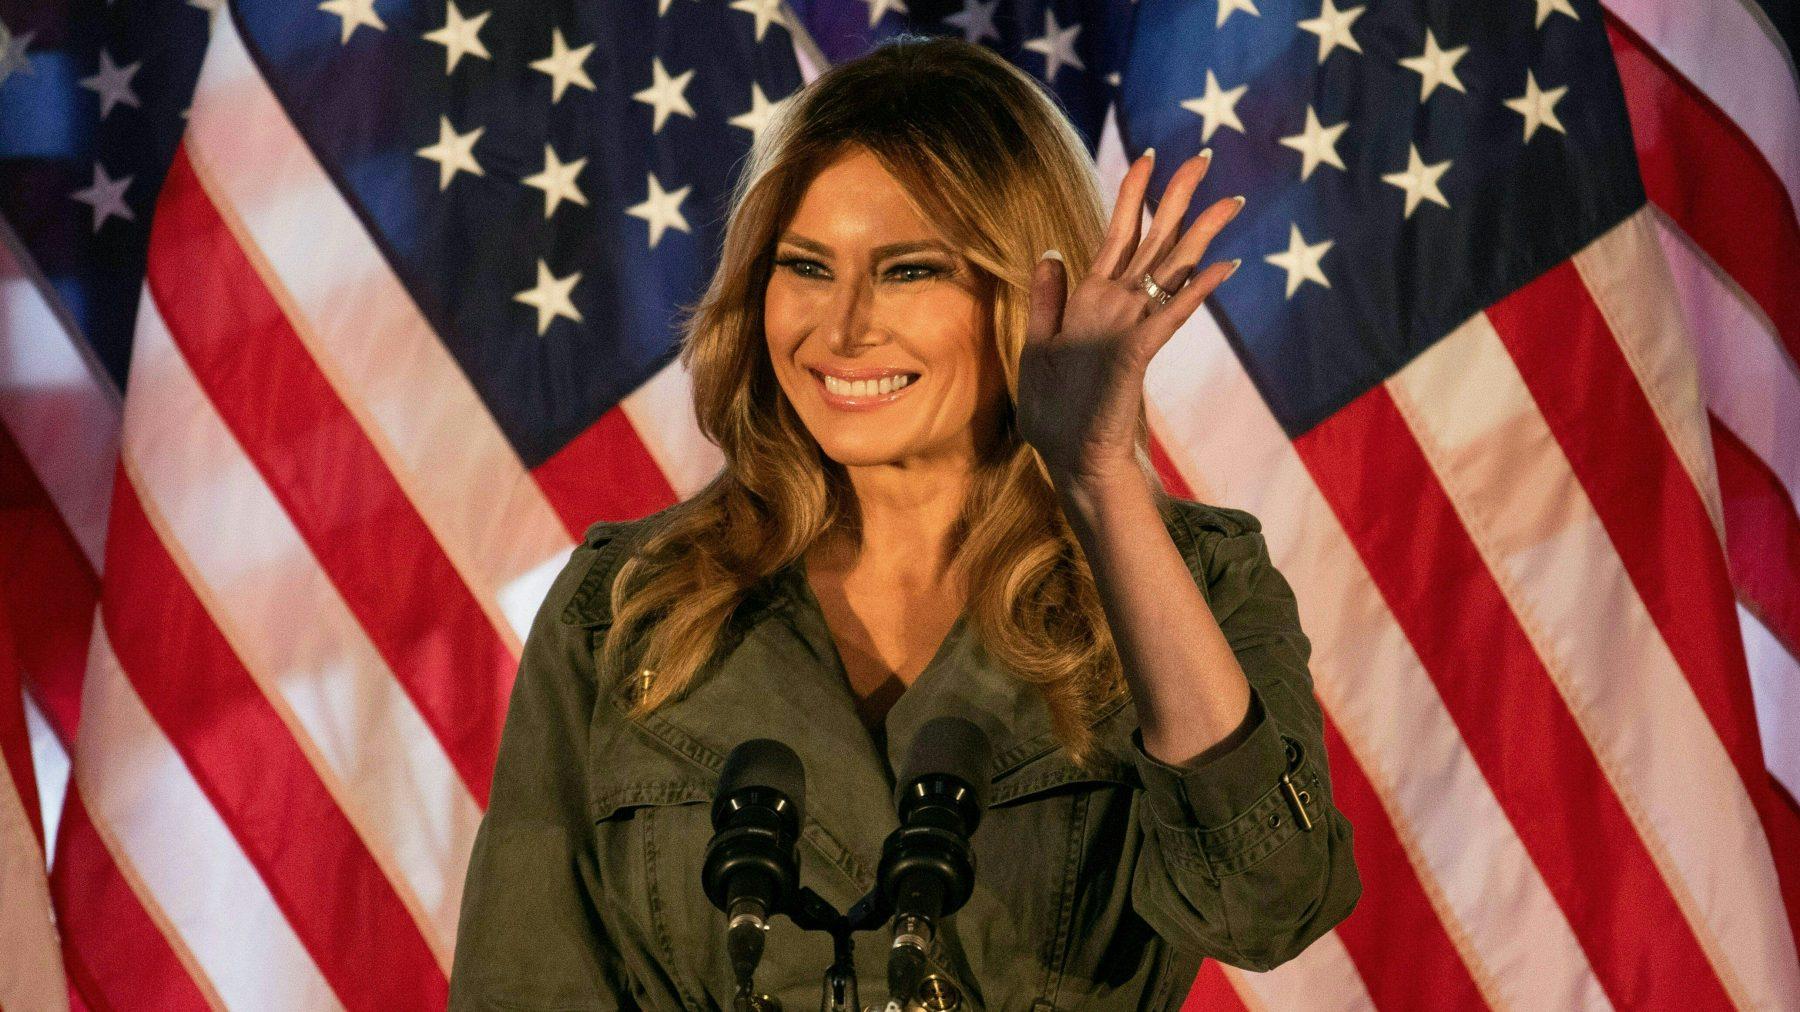 Melania Trump is het 'niet altijd eens met de manier waarop Donald dingen zegt'